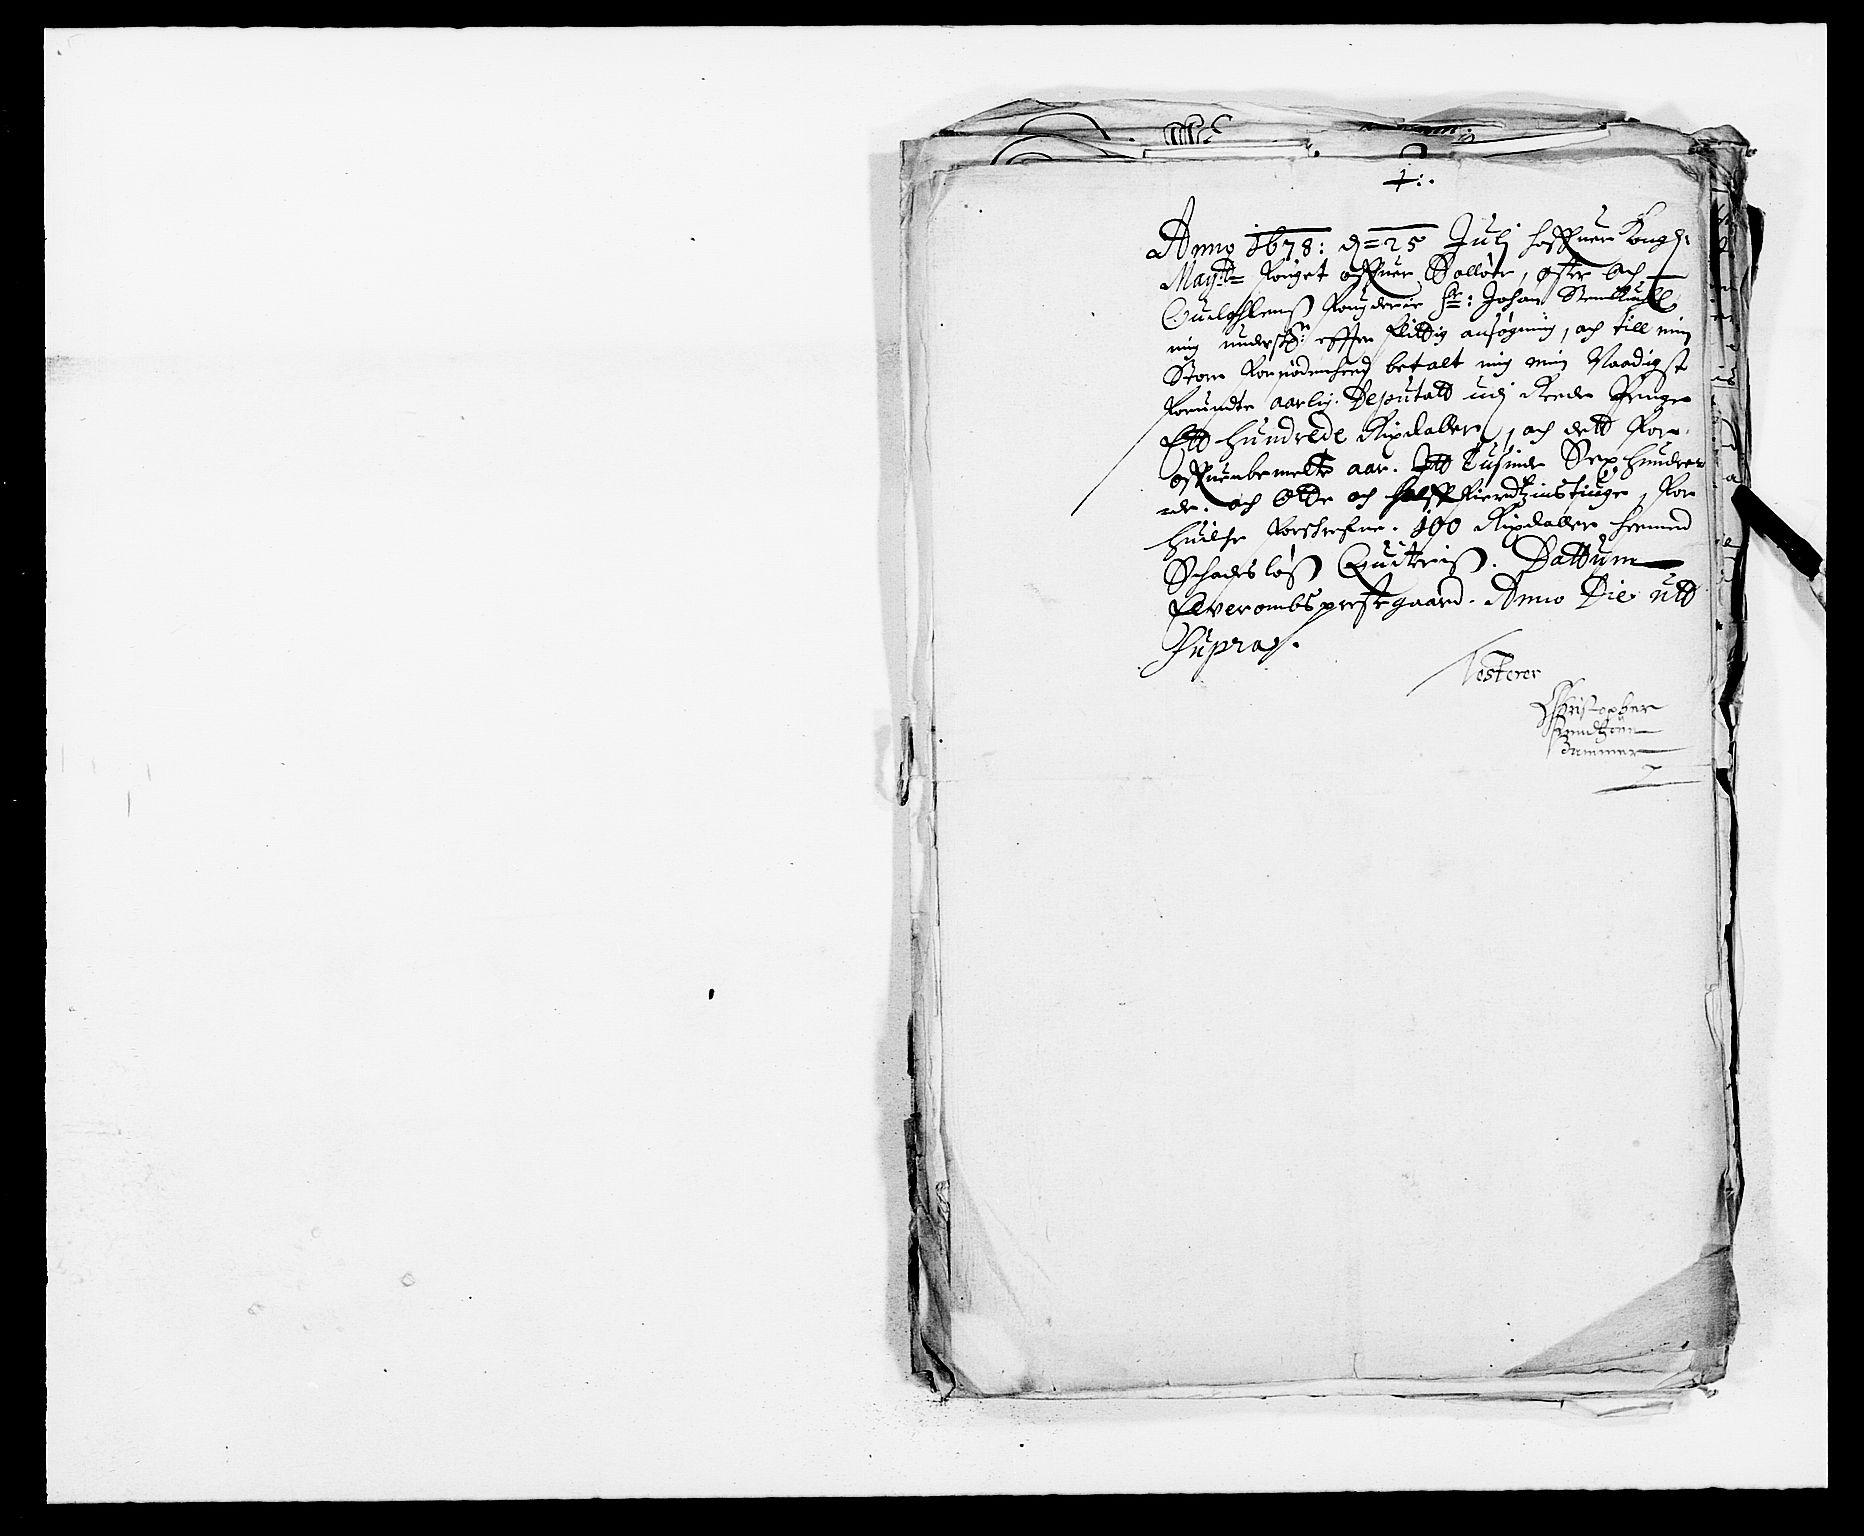 RA, Rentekammeret inntil 1814, Reviderte regnskaper, Fogderegnskap, R13/L0815: Fogderegnskap Solør, Odal og Østerdal, 1678, s. 229